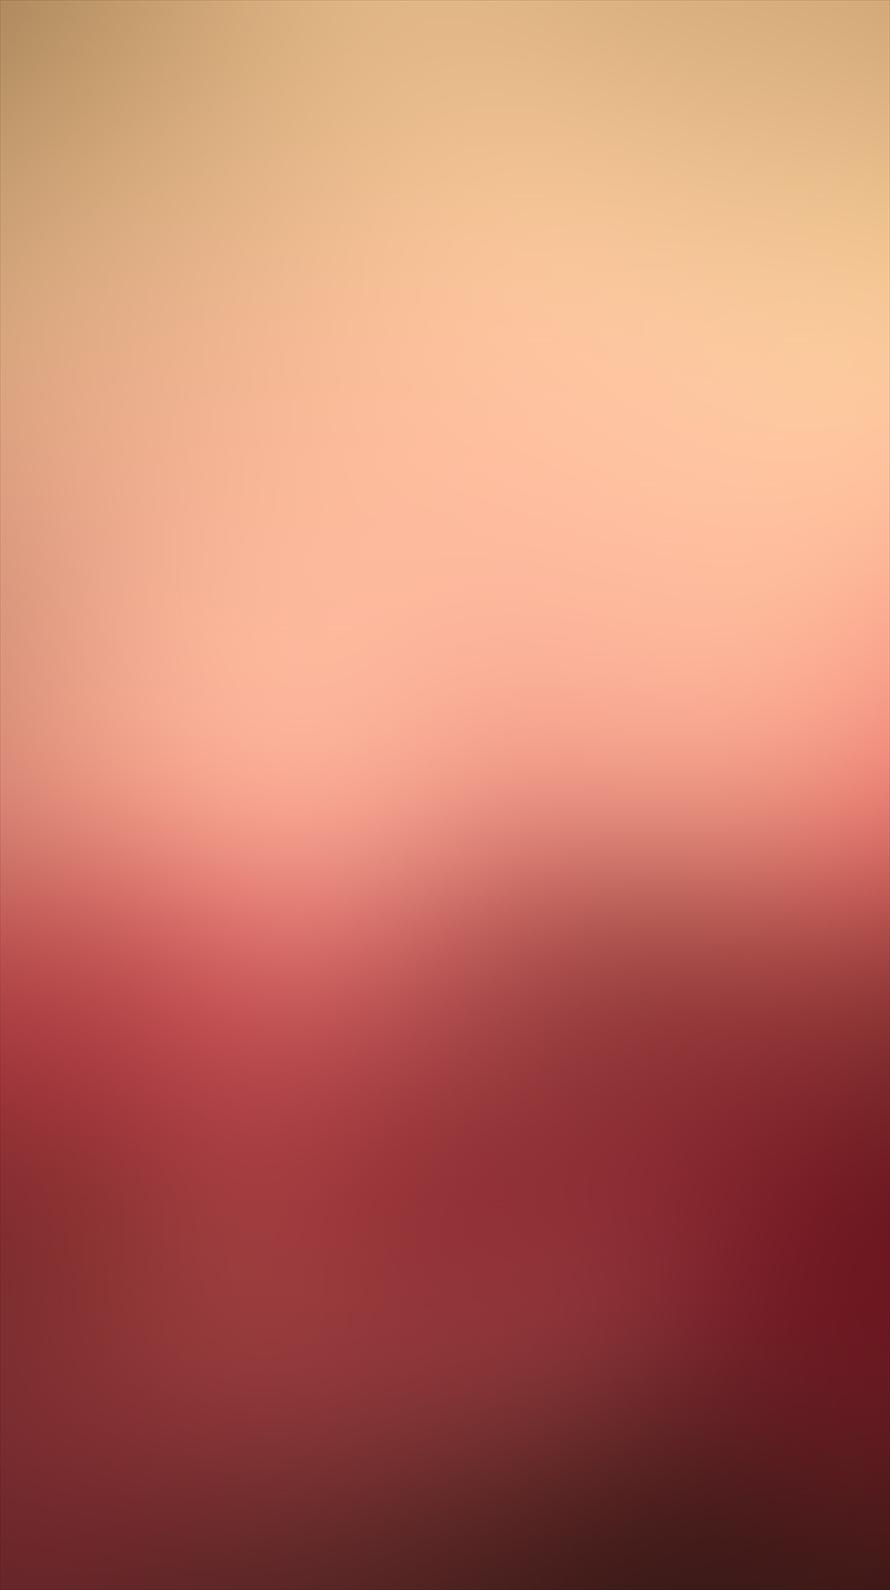 ワインレッド グラデーション iPhone6壁紙